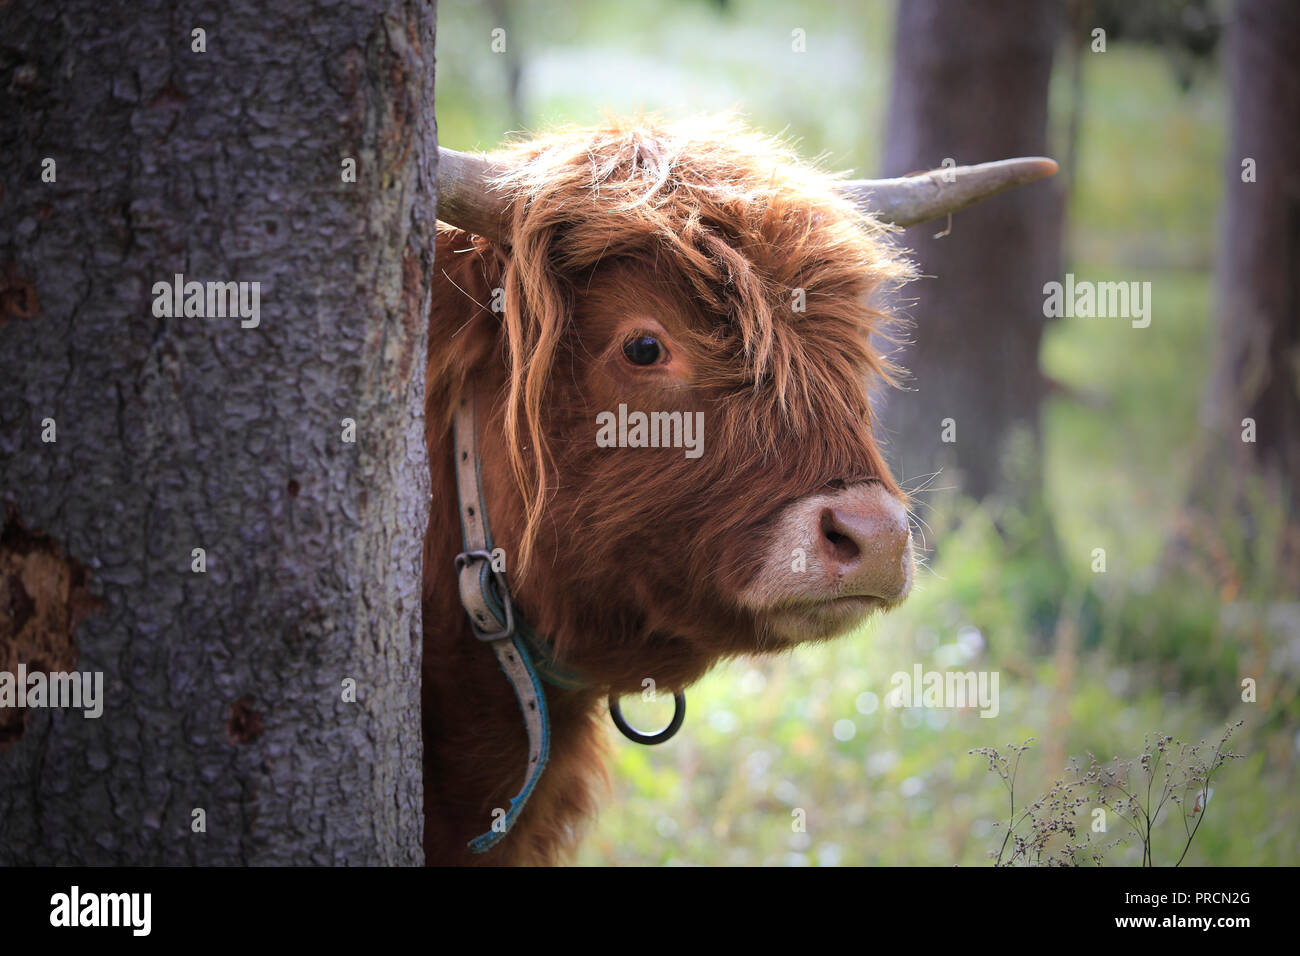 Giovani, timido e curioso Highland picchi di bull dietro ad un albero. Immagini Stock